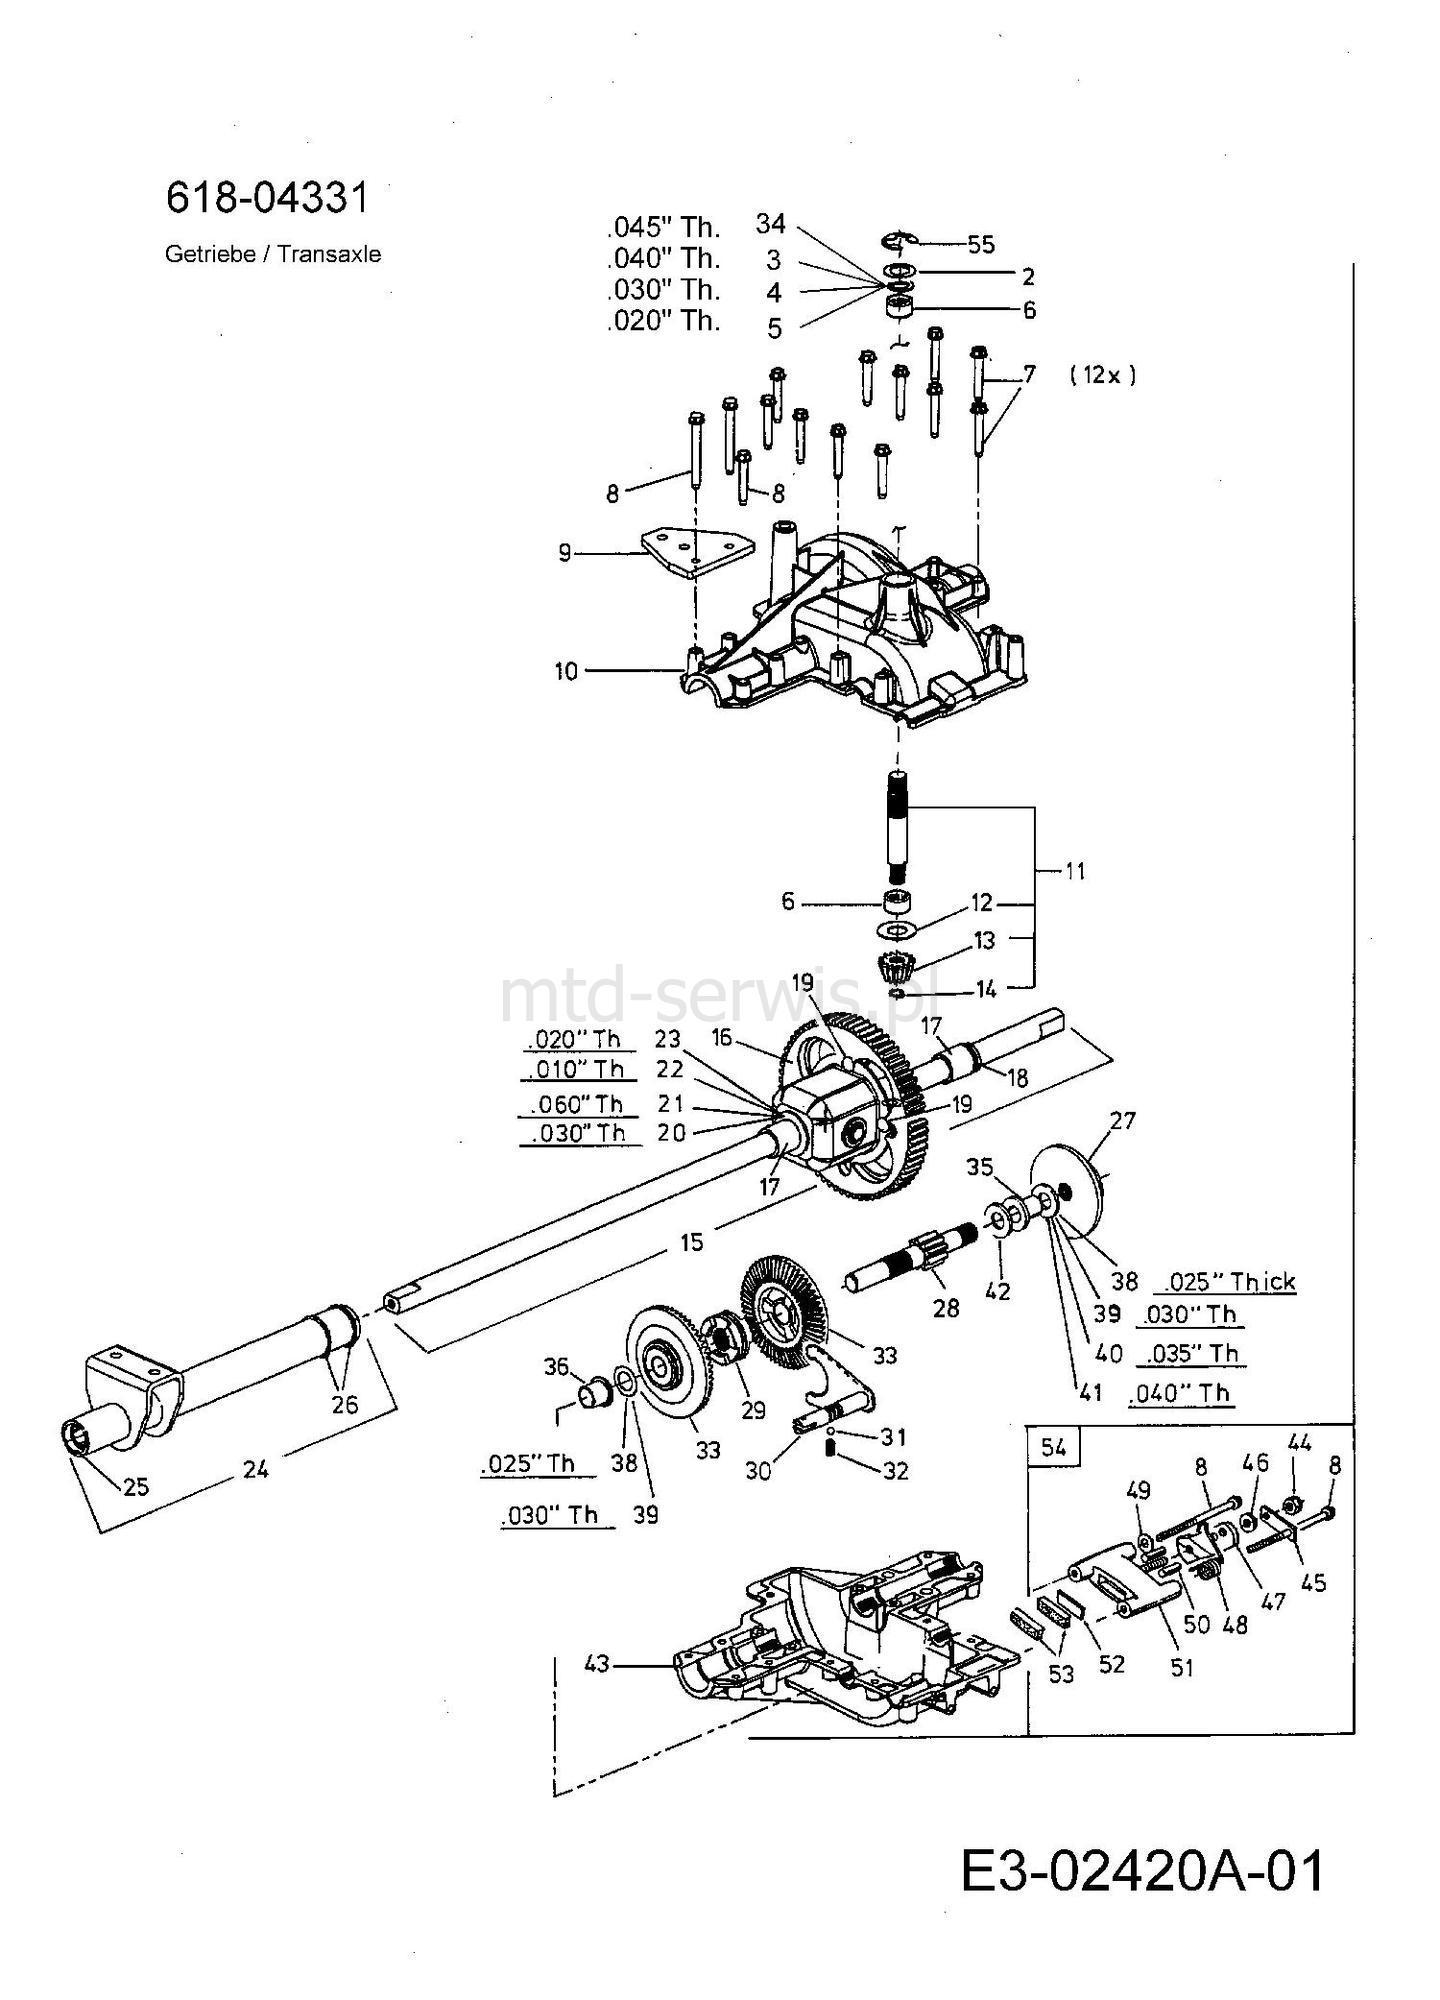 Diagram Renault Duster Wiring Diagram Espa Ol Full